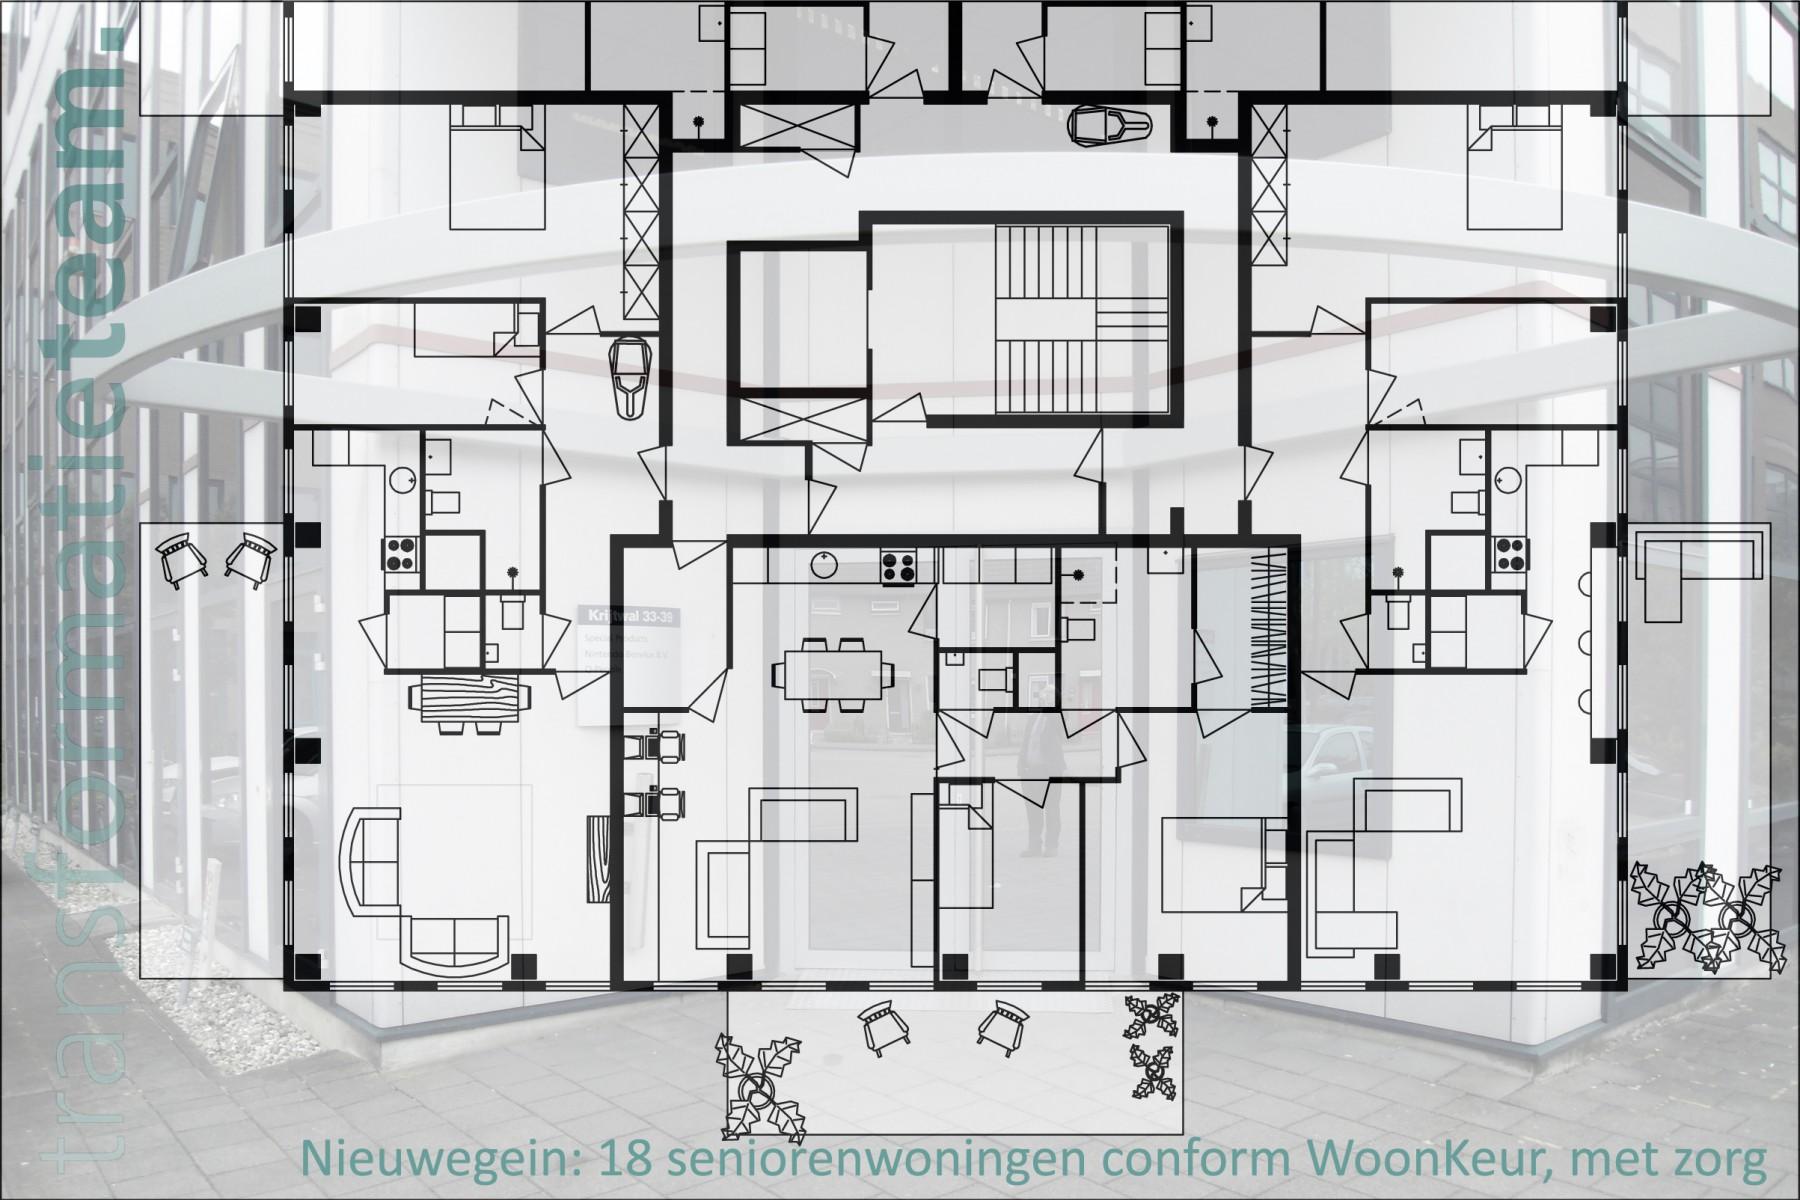 Nieuwegein, Krijtwal, wooneenheden en seniorenwoningen